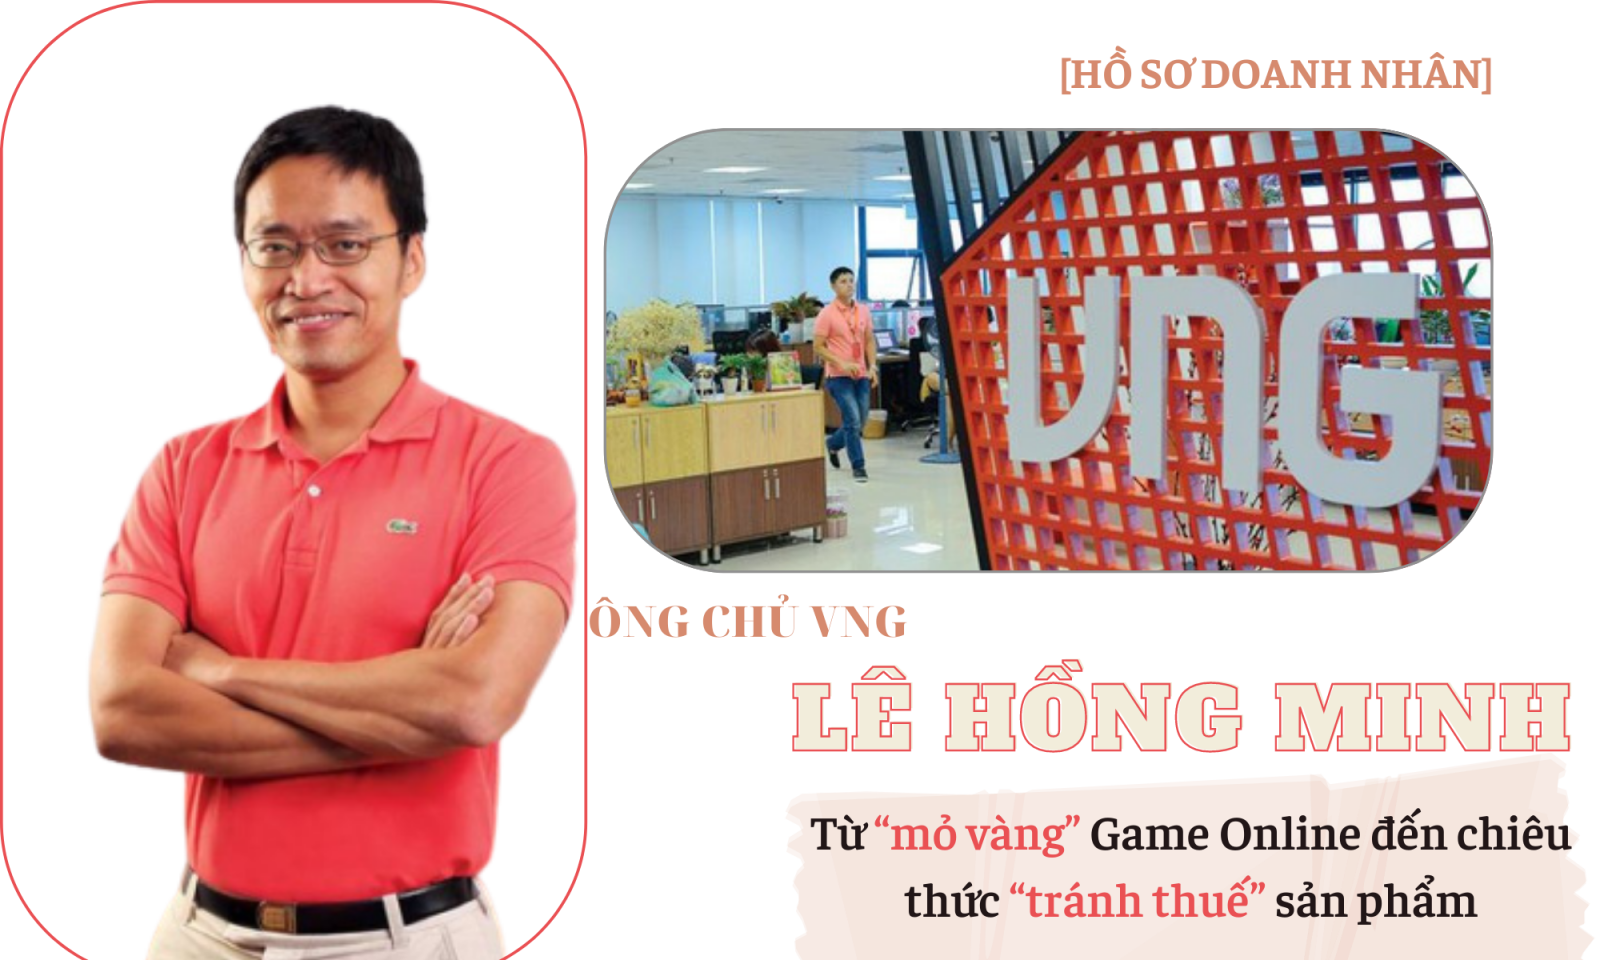 """Ông chủ VNG Lê Hồng Minh: Từ """"mỏ vàng"""" Game Online đến chiêu thức """"tránh thuế"""" sản phẩm"""